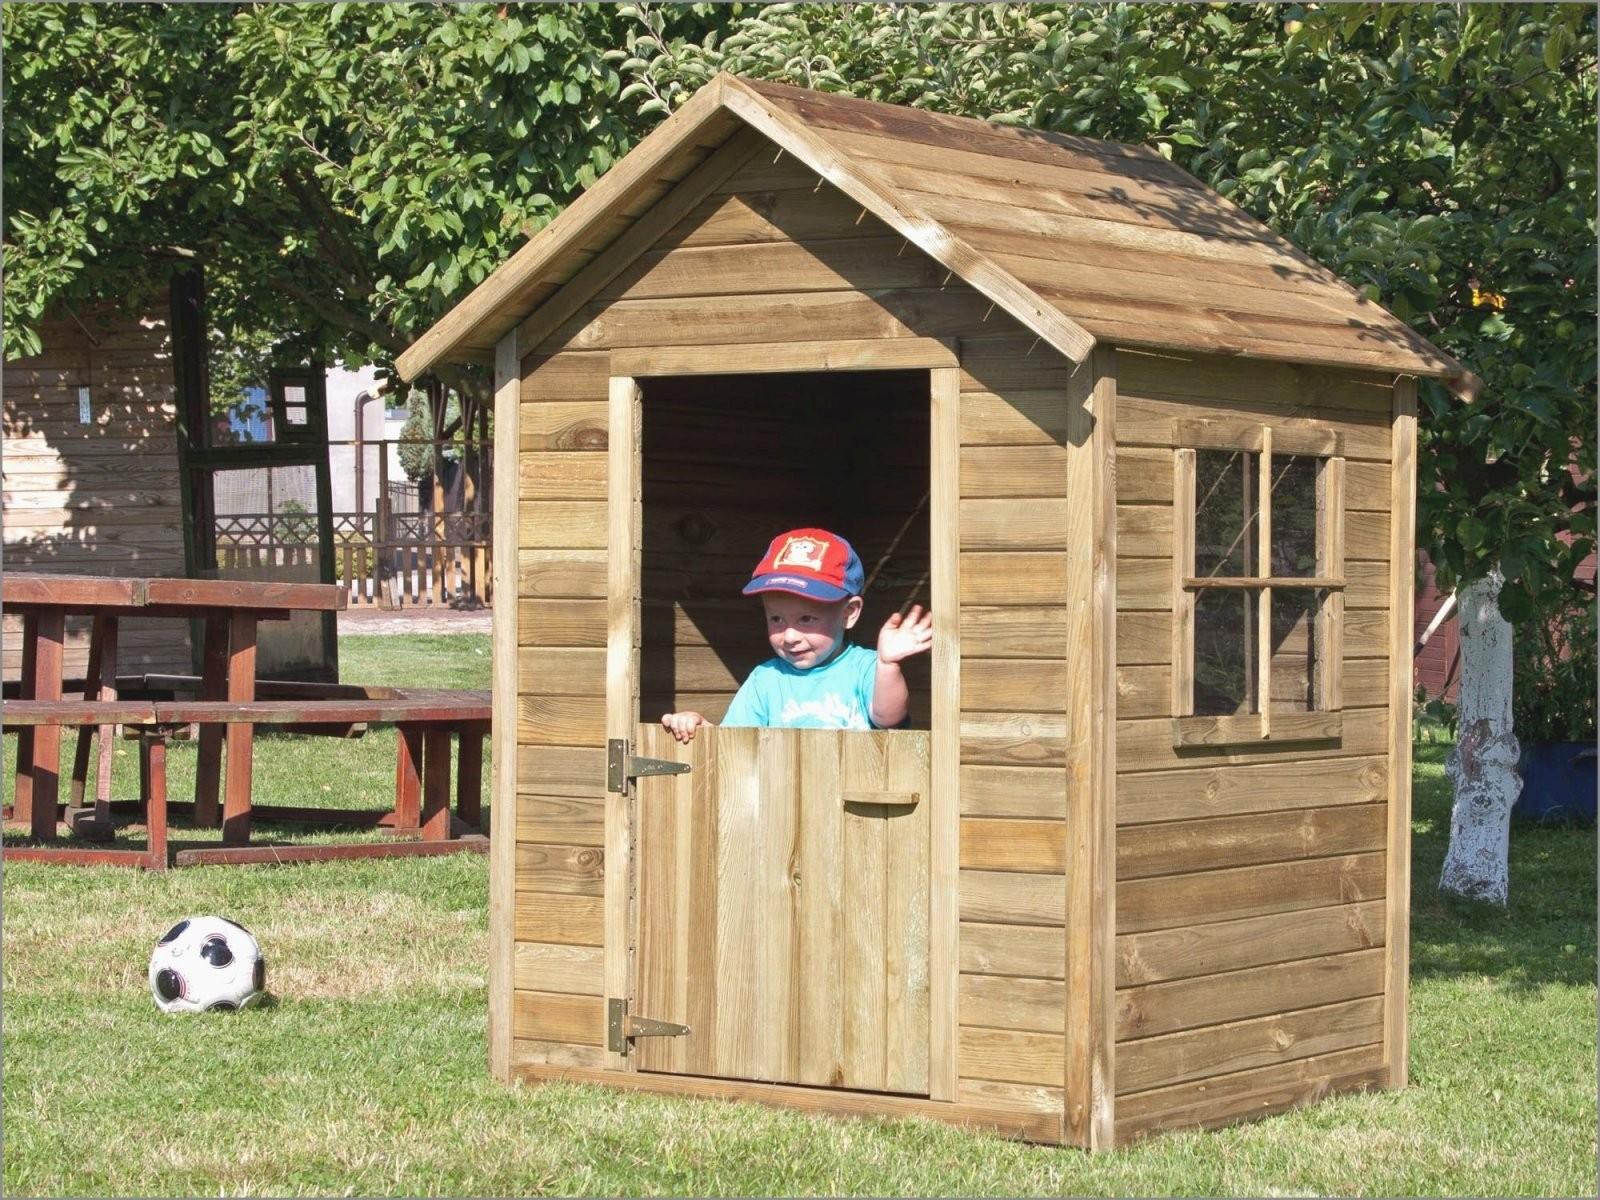 Kinder Gartenhaus Selber Bauen Das Beste Von Frisch 36 Spielhaus Für von Spielhaus Kinder Selber Bauen Photo